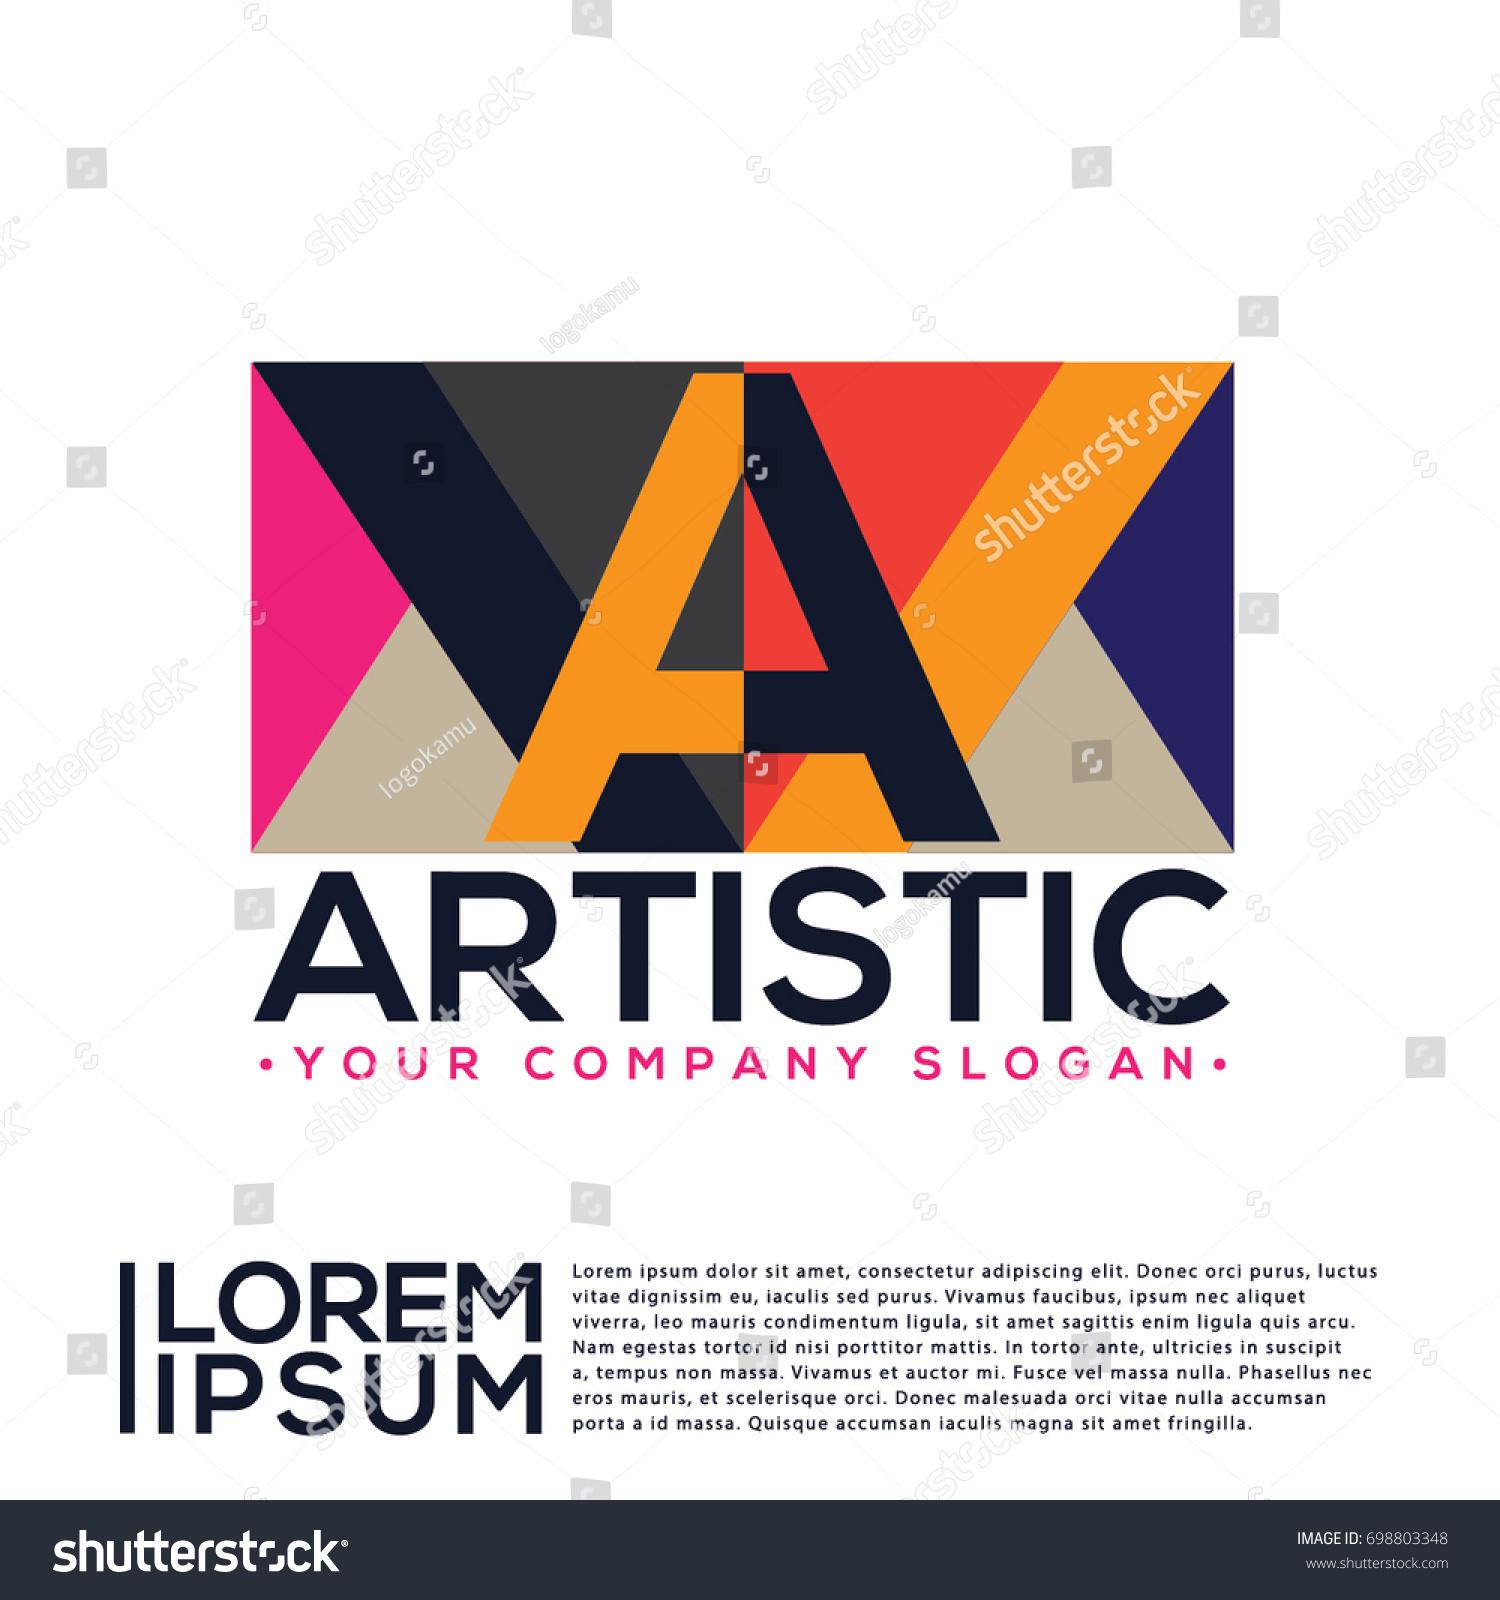 artistic logo vector stock vector royalty free 698803348